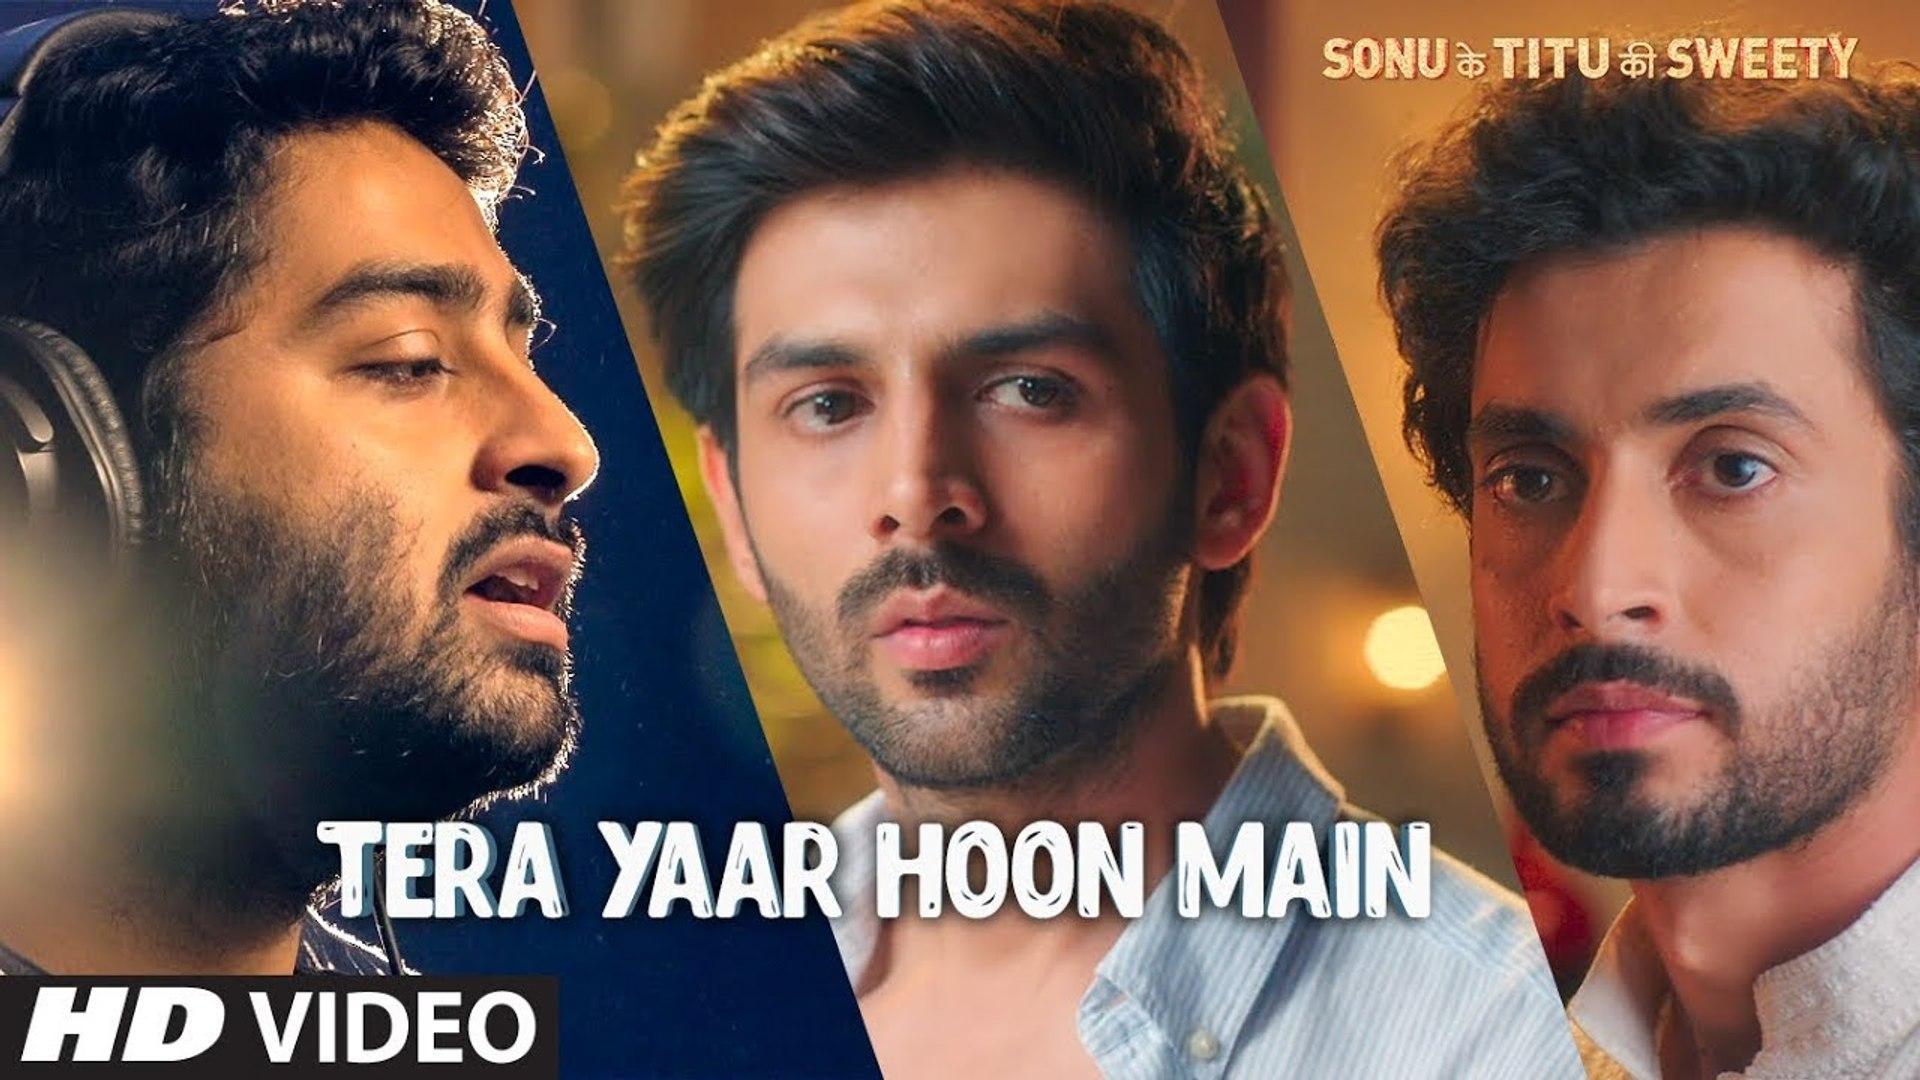 Tera Yaar Hoon Main Video Sonu Ke Titu Ki Sweety Arijit Singh Tomorrow Movie In Cinemas